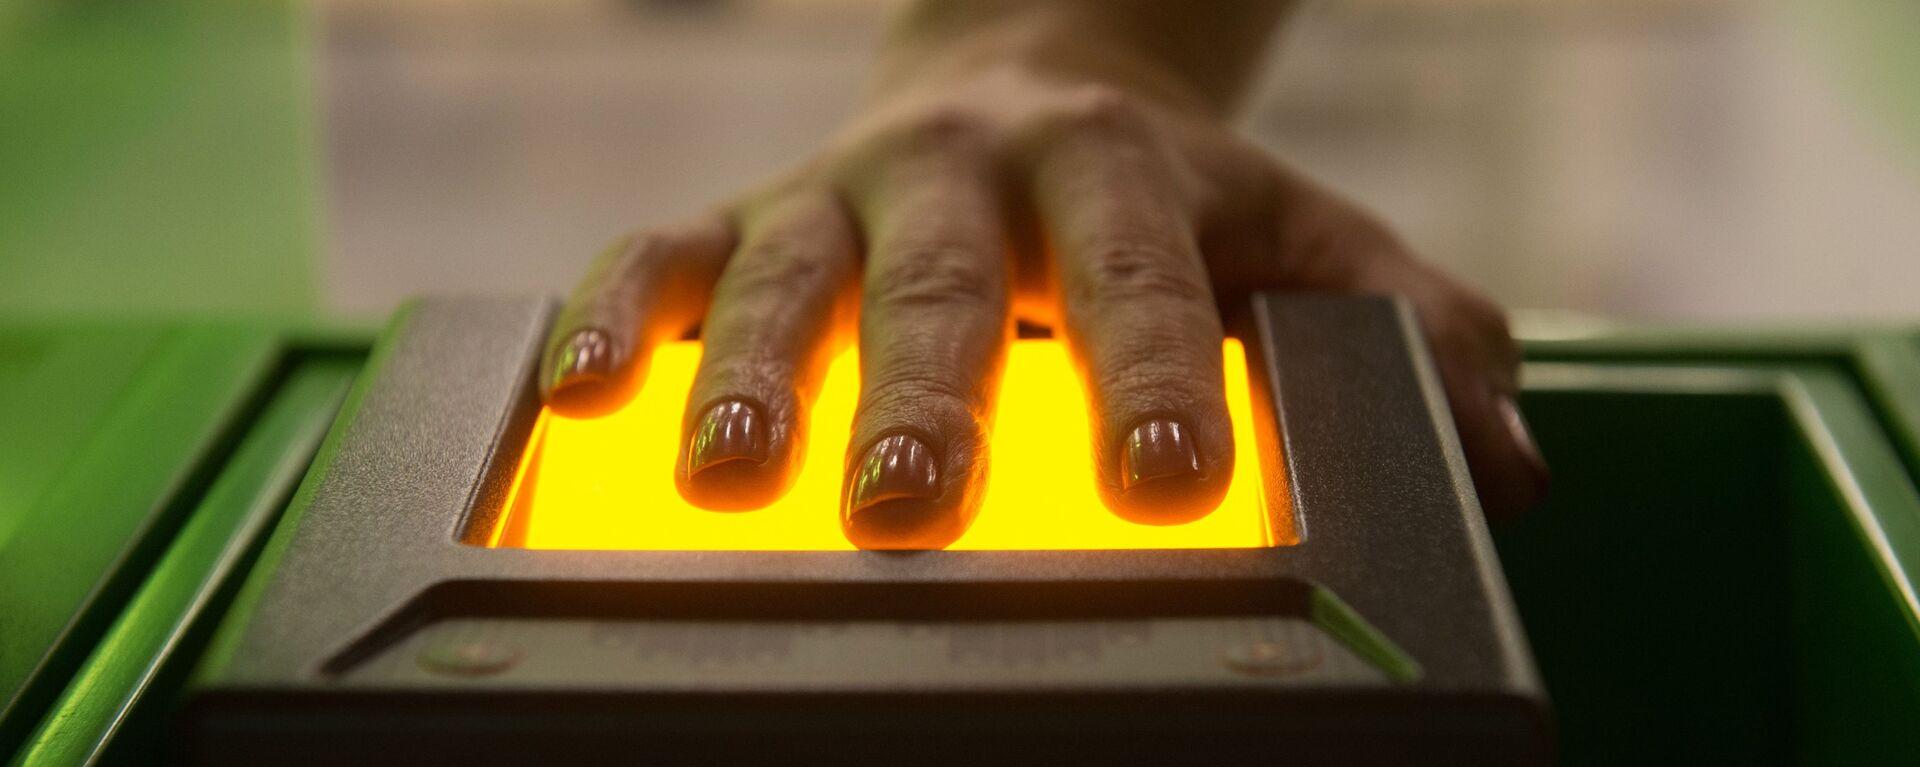 Устройство, сканирующее отпечатки пальцев, архивное фото - Sputnik Таджикистан, 1920, 22.11.2020